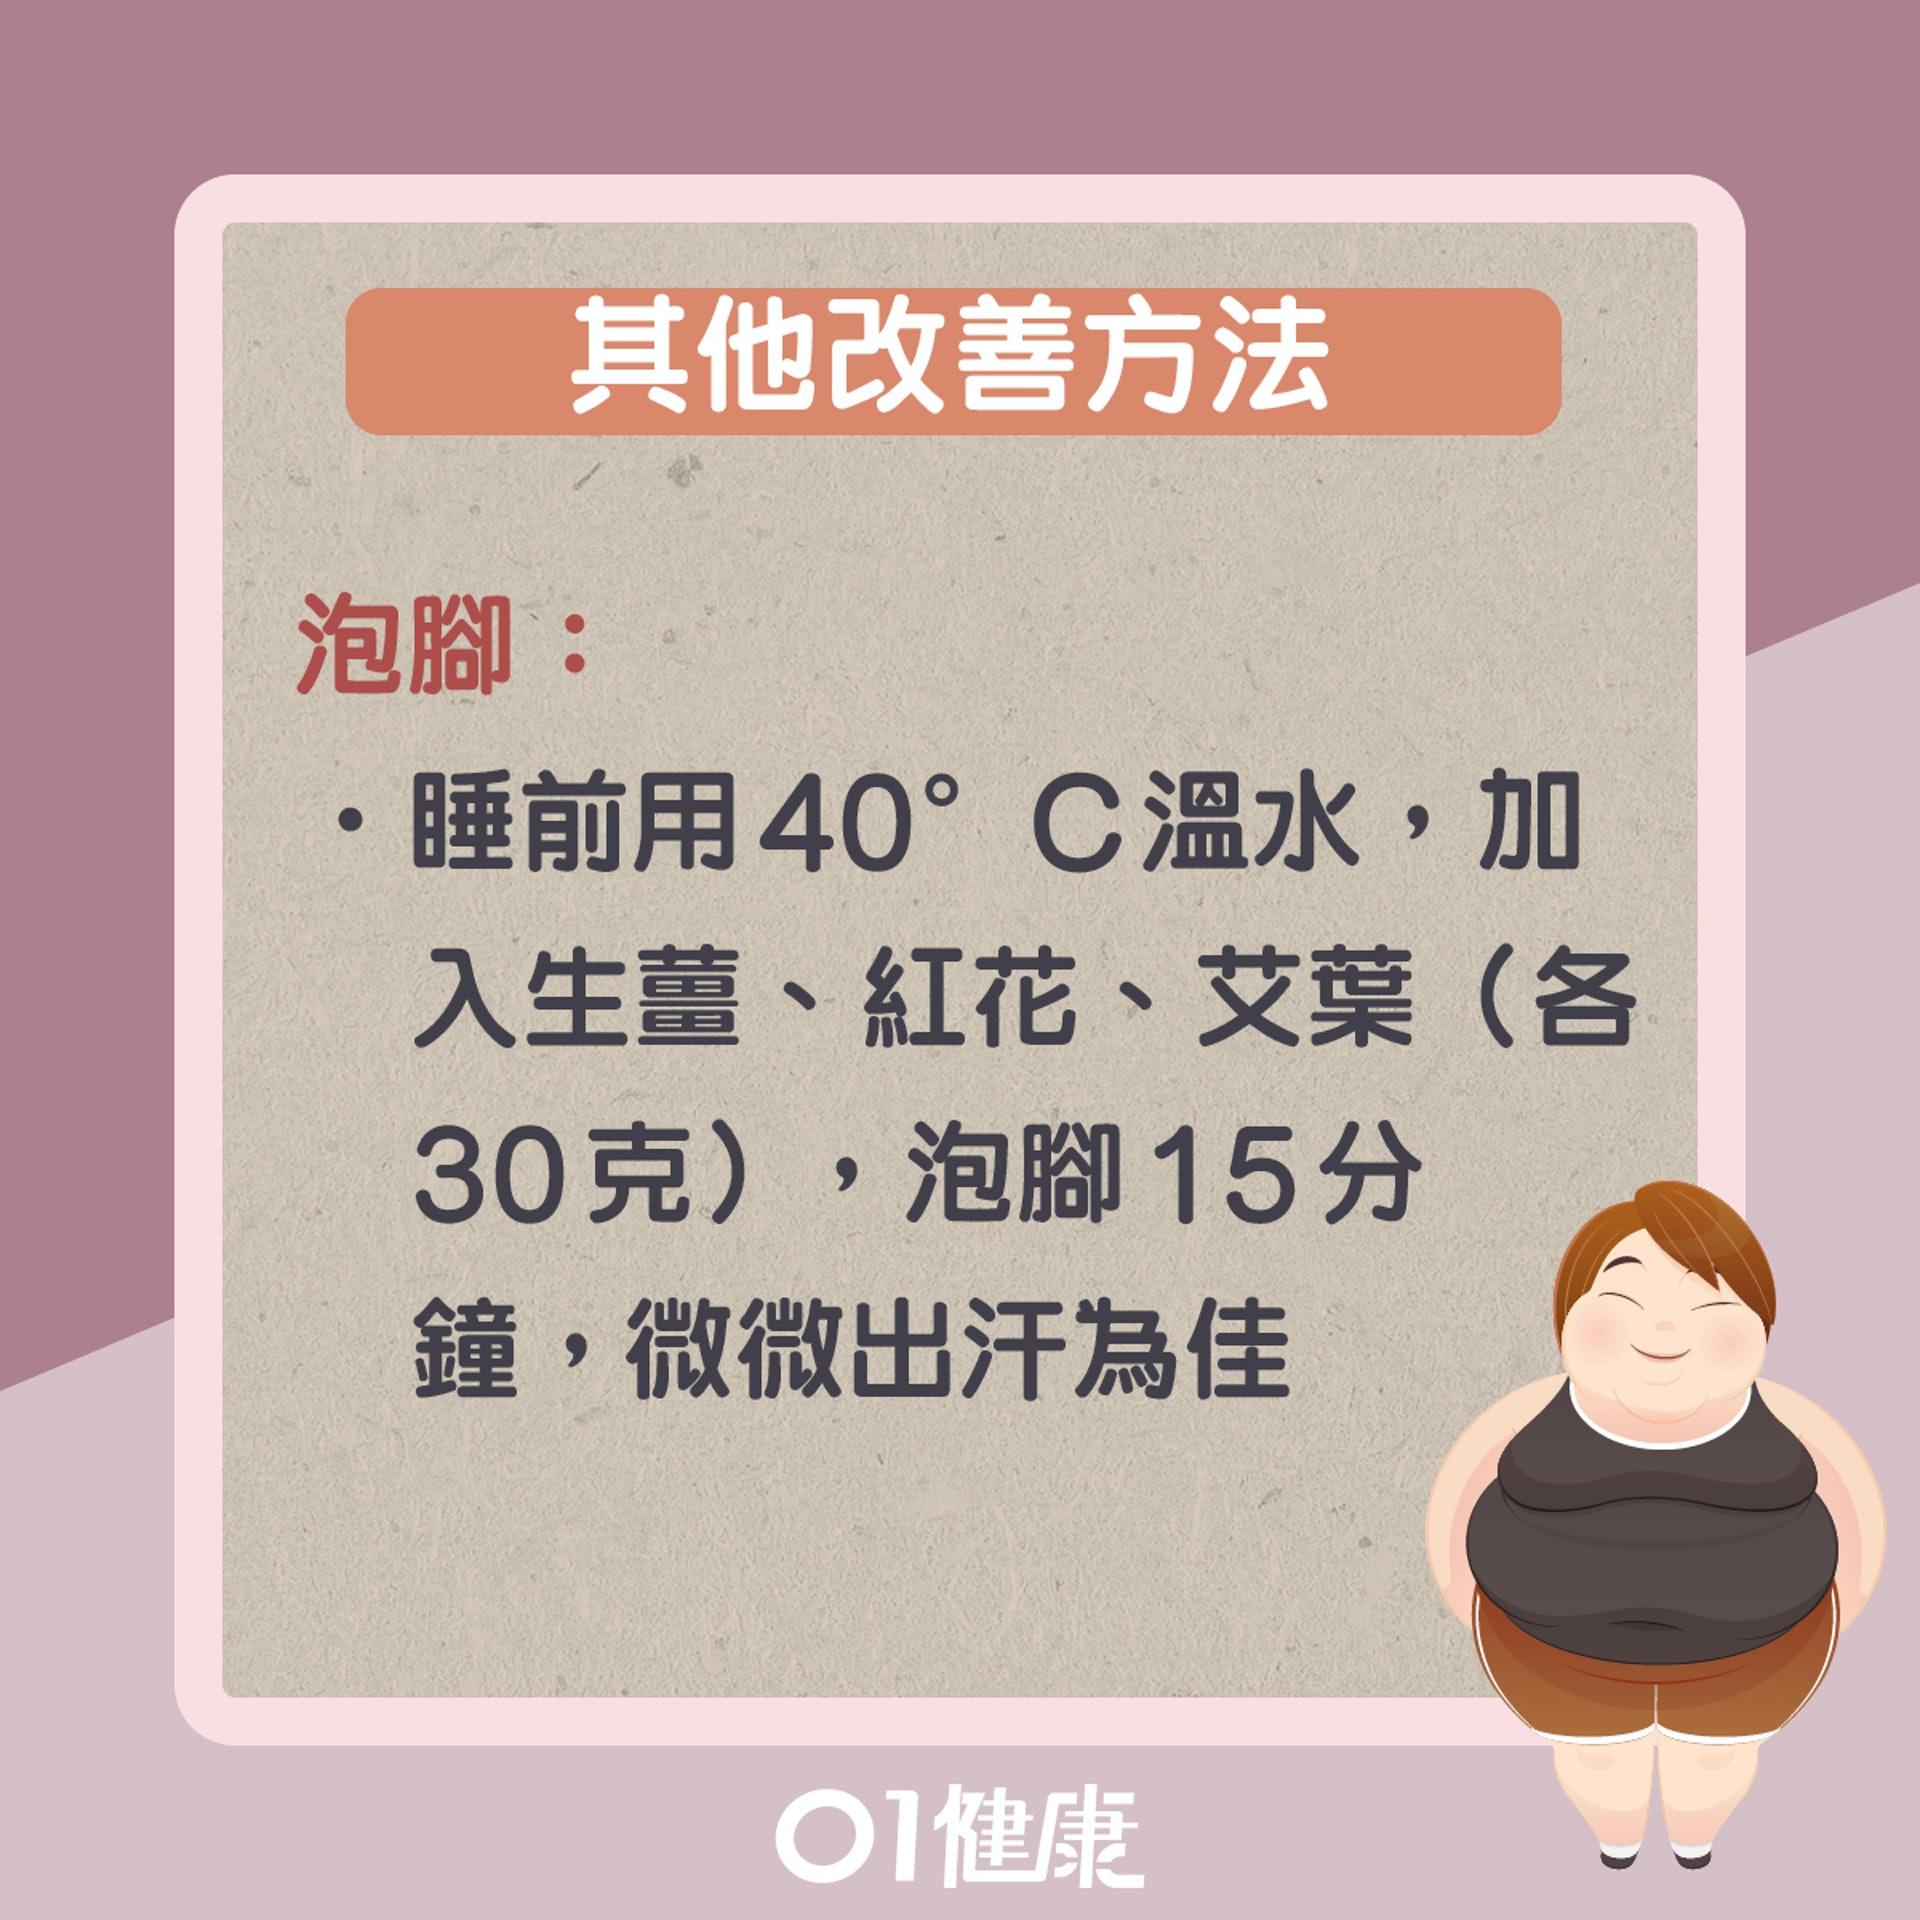 其他改善虛胖方法(01製圖)